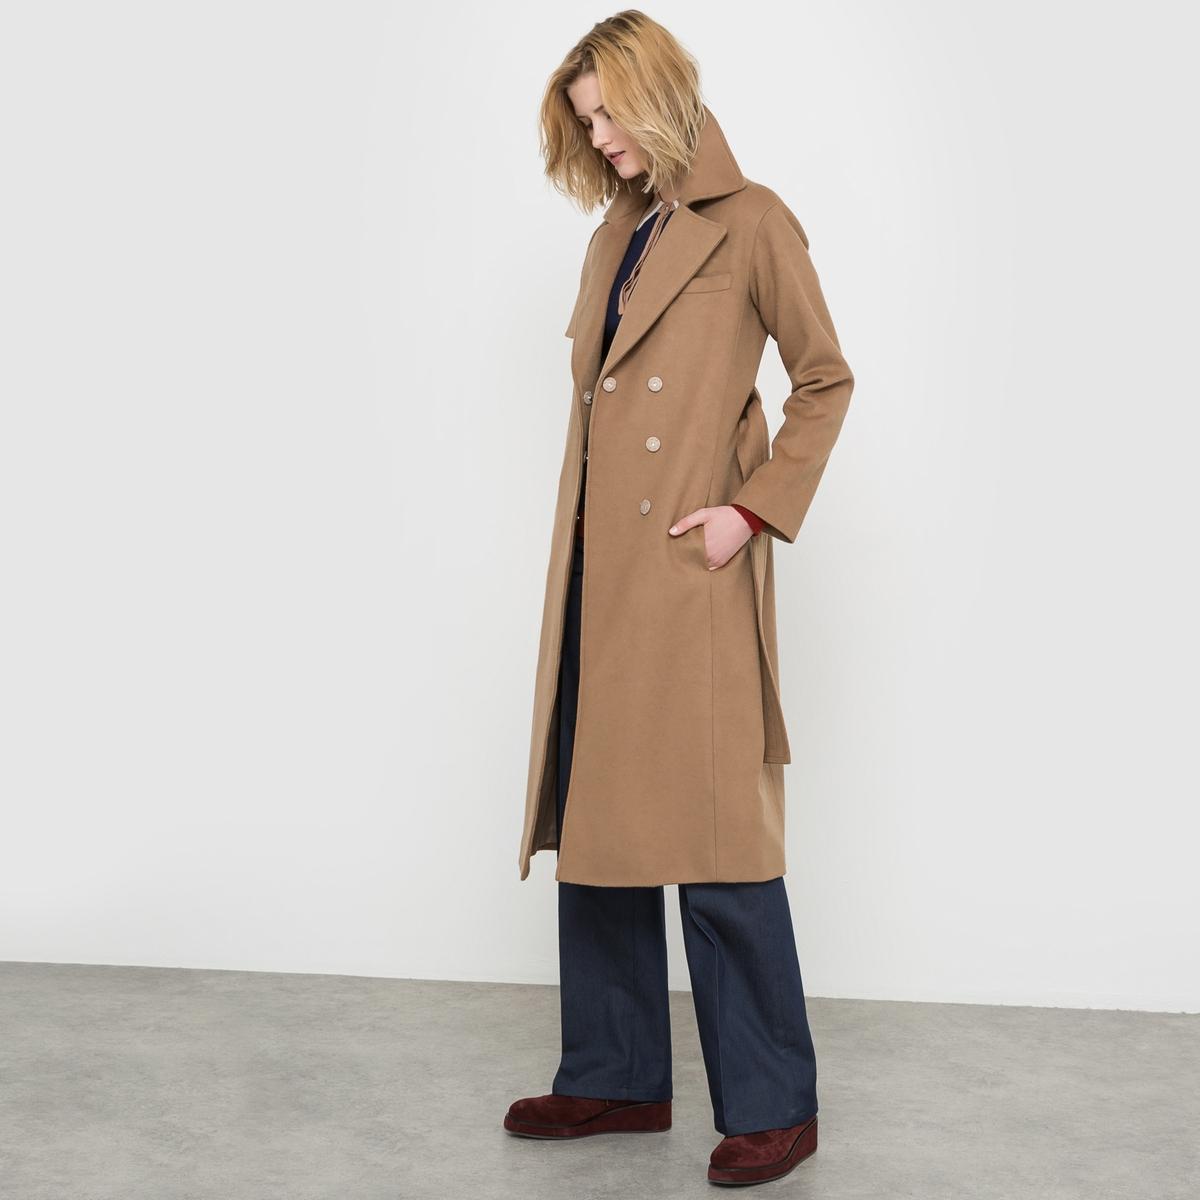 Пальто длинное из шерстяного драпа, 63% шерстиПальто из шерстяного драпа. Скрытая застёжка на пуговицы. Пиджачный воротник. Нагрудный карман. Пояс завязывается под шлевками. Отлётные кокетки спереди и сзади. 2 кармана по бокам. Состав и описание:Материал: 63% шерсти, 30% полиамида, 7% других волокон.Подкладка: 100% полиэстера. Длина: 110 см.Марка: atelier R.Уход:- Сухая чистка.- Гладить при низкой температуре.<br><br>Цвет: темно-бежевый,черный<br>Размер: 44 (FR) - 50 (RUS).40 (FR) - 46 (RUS).38 (FR) - 44 (RUS).38 (FR) - 44 (RUS)